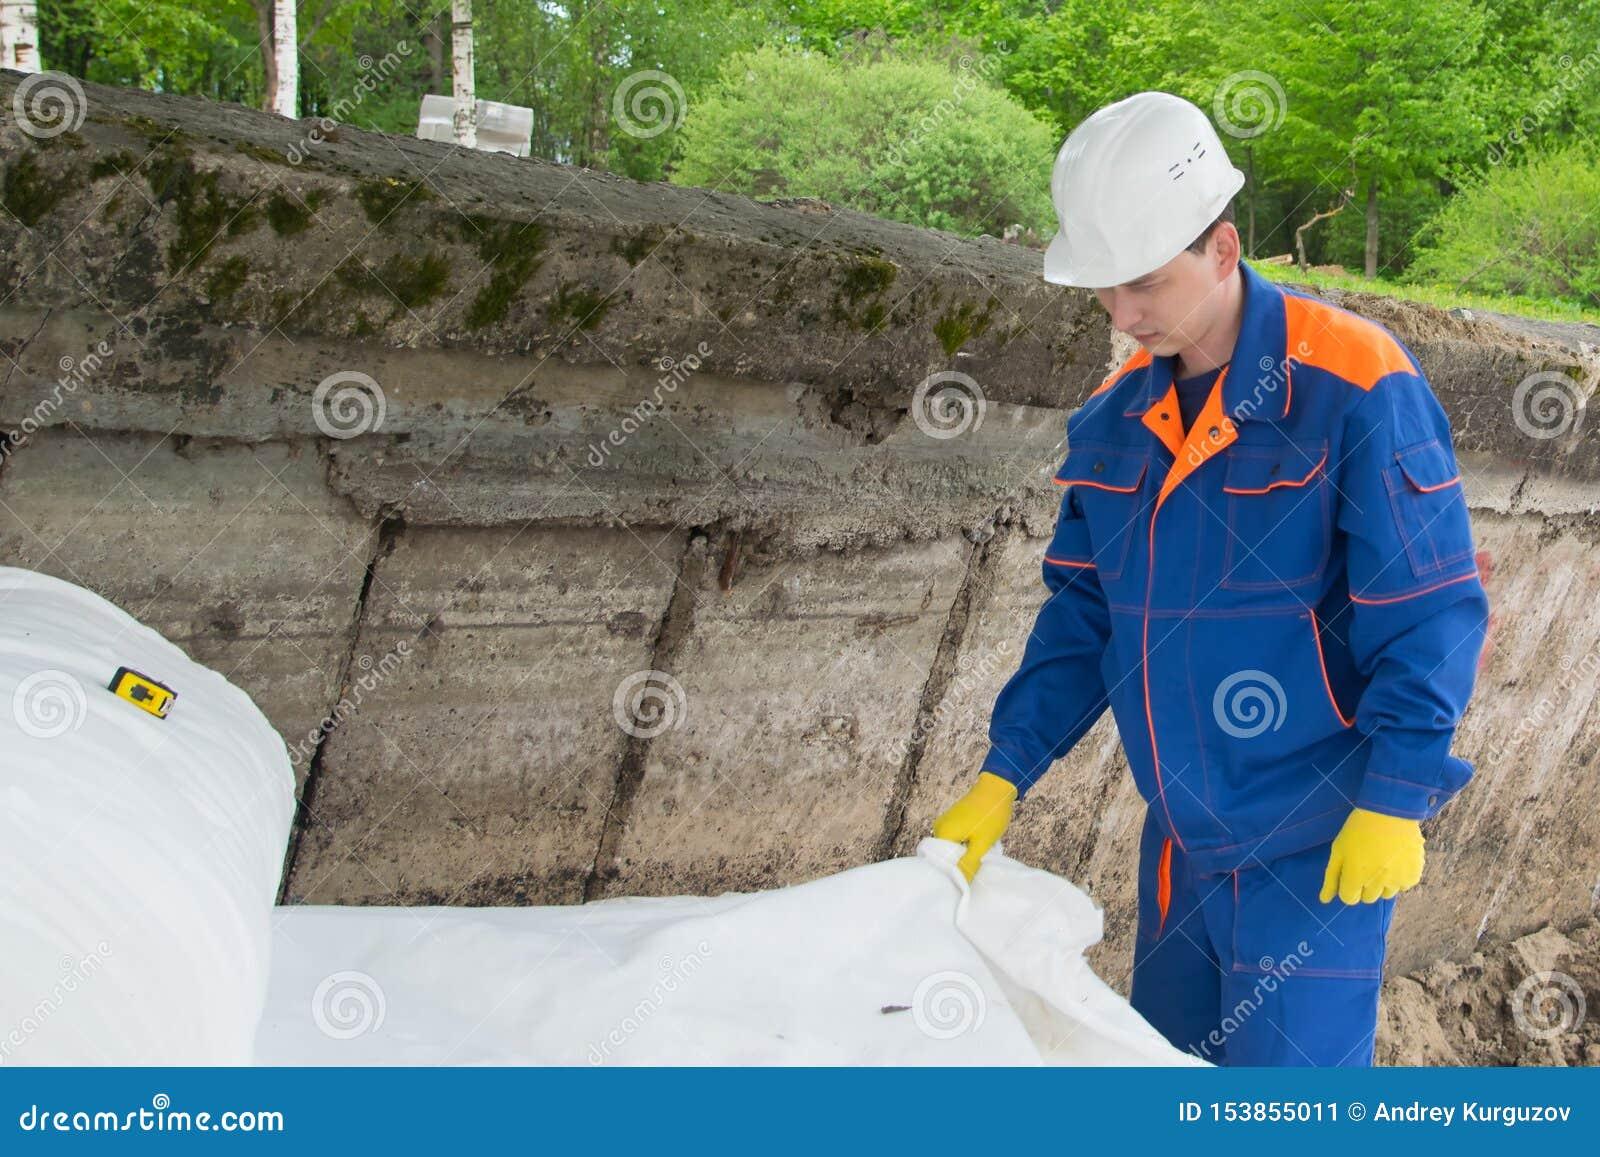 Материал для защиты поверхности почвы, разматывая работника в голубой форме и белого шлема на строительной площадке